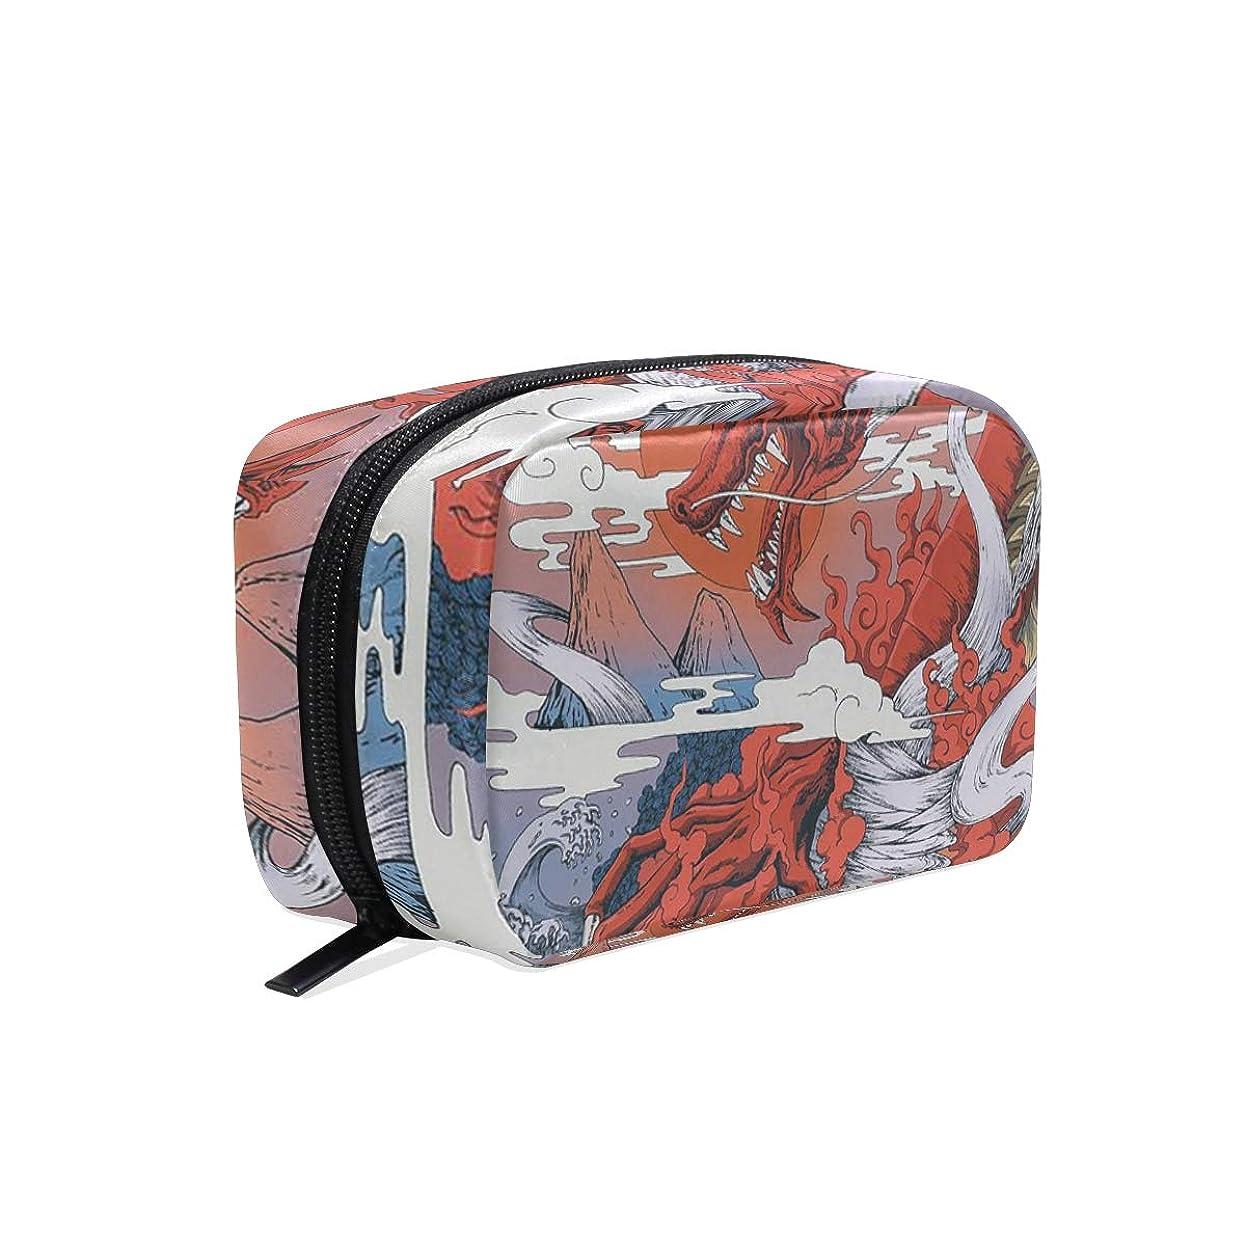 破壊的な識別食欲竜 浮世絵 化粧ポーチ メイクポーチ 機能的 大容量 化粧品収納 小物入れ 普段使い 出張 旅行 メイク ブラシ バッグ 化粧バッグ